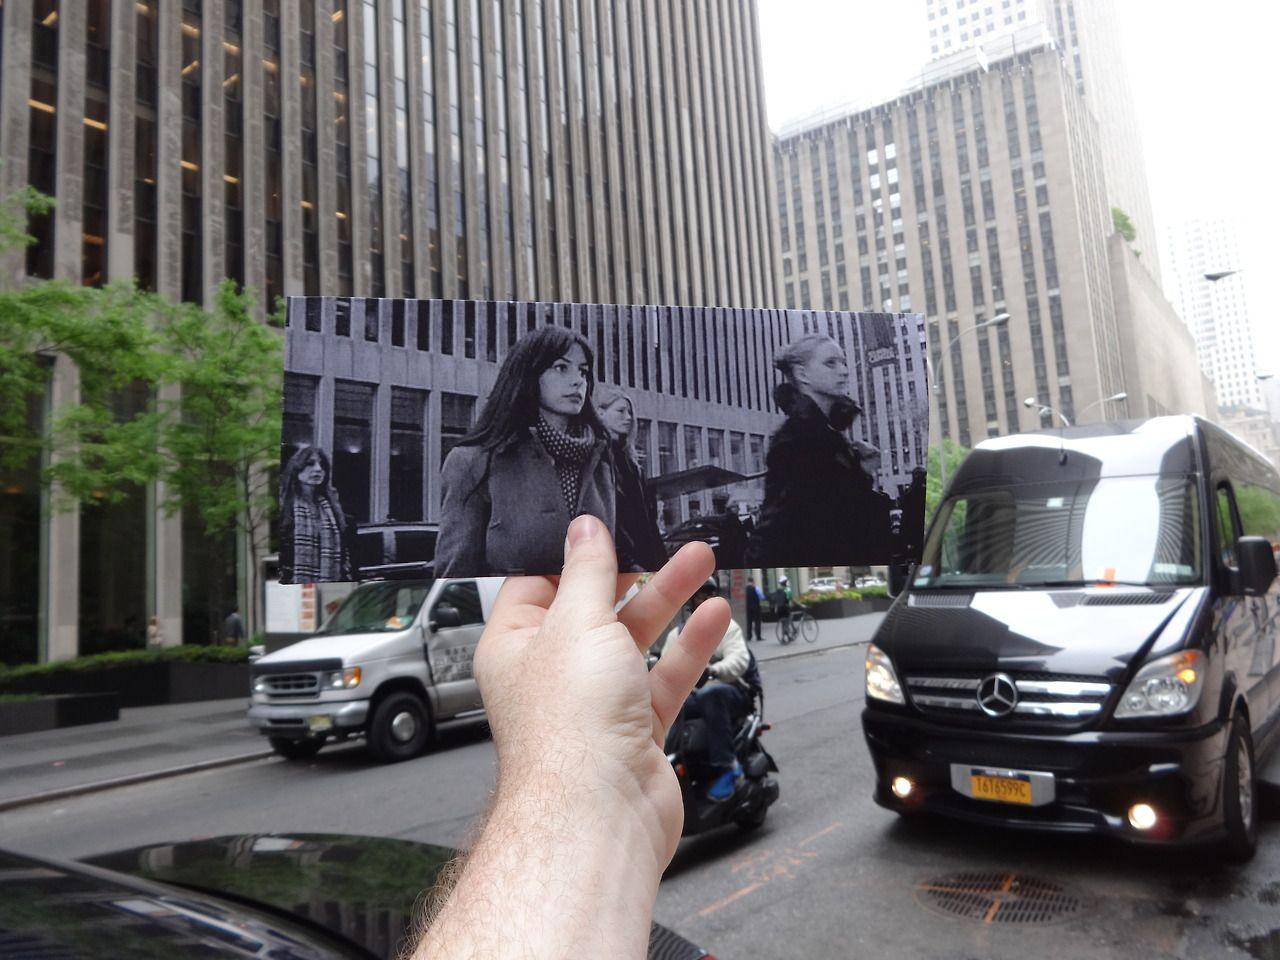 Atelliê Fotografia | FILMography, um projeto que une filmes famosos e fotografia